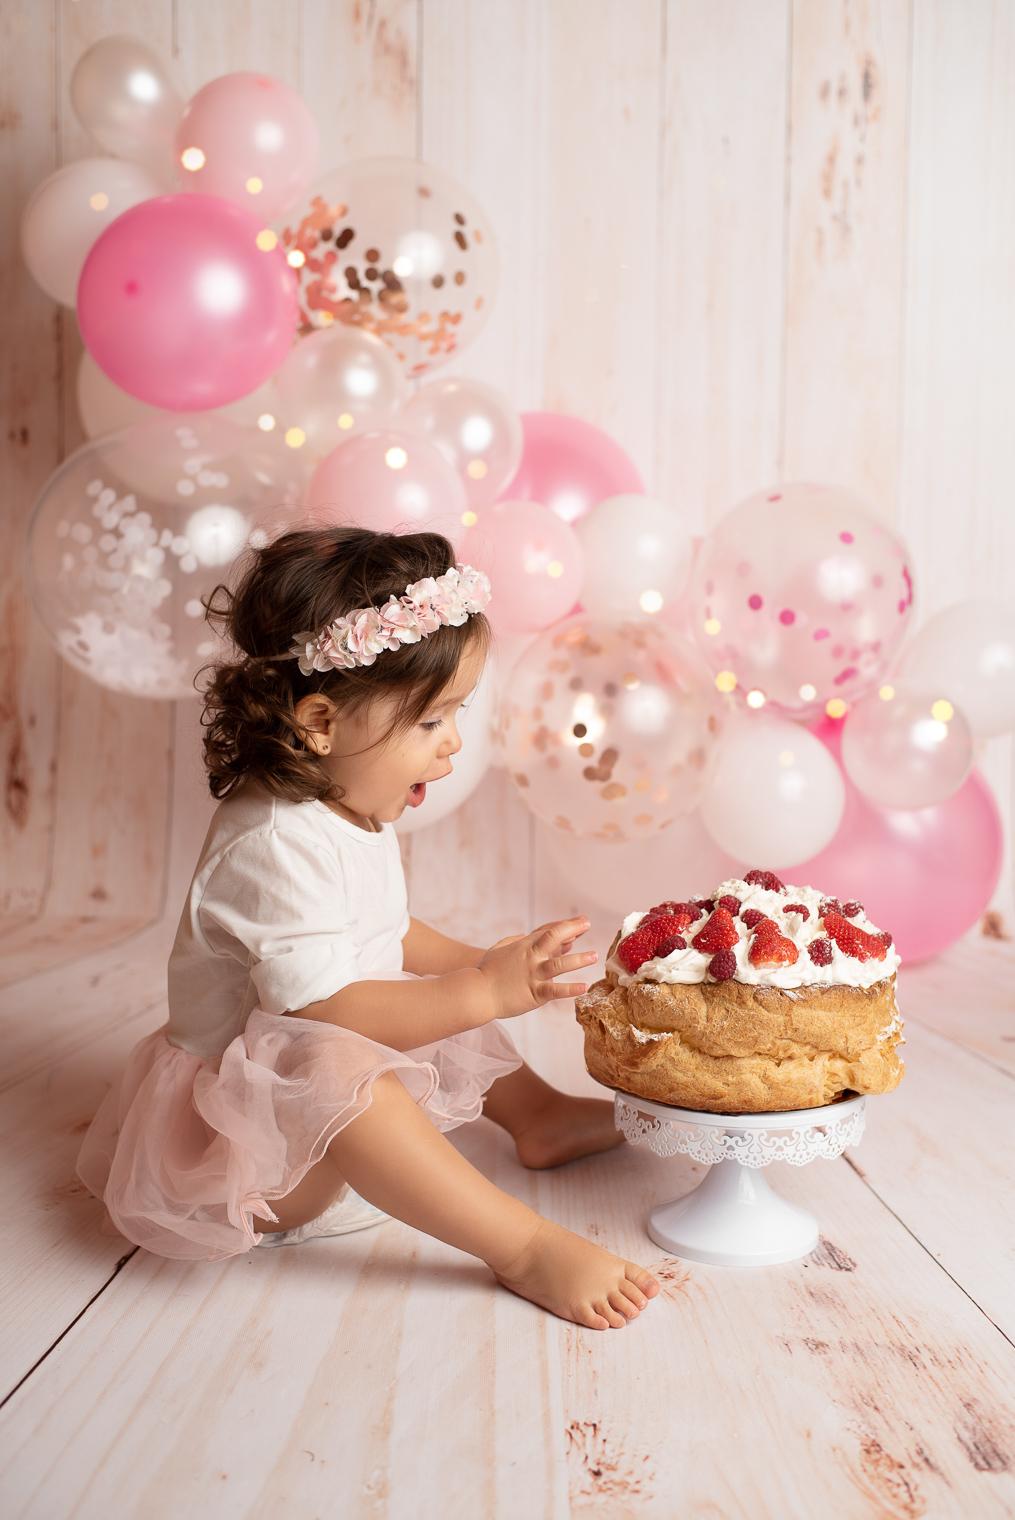 belinda lopez photo bebe enfant anniversaire miam smash cake photographie famille grossesse nouveau-ne maternite photographe bourg-saint-maurice savoie belindalopez.fr-4